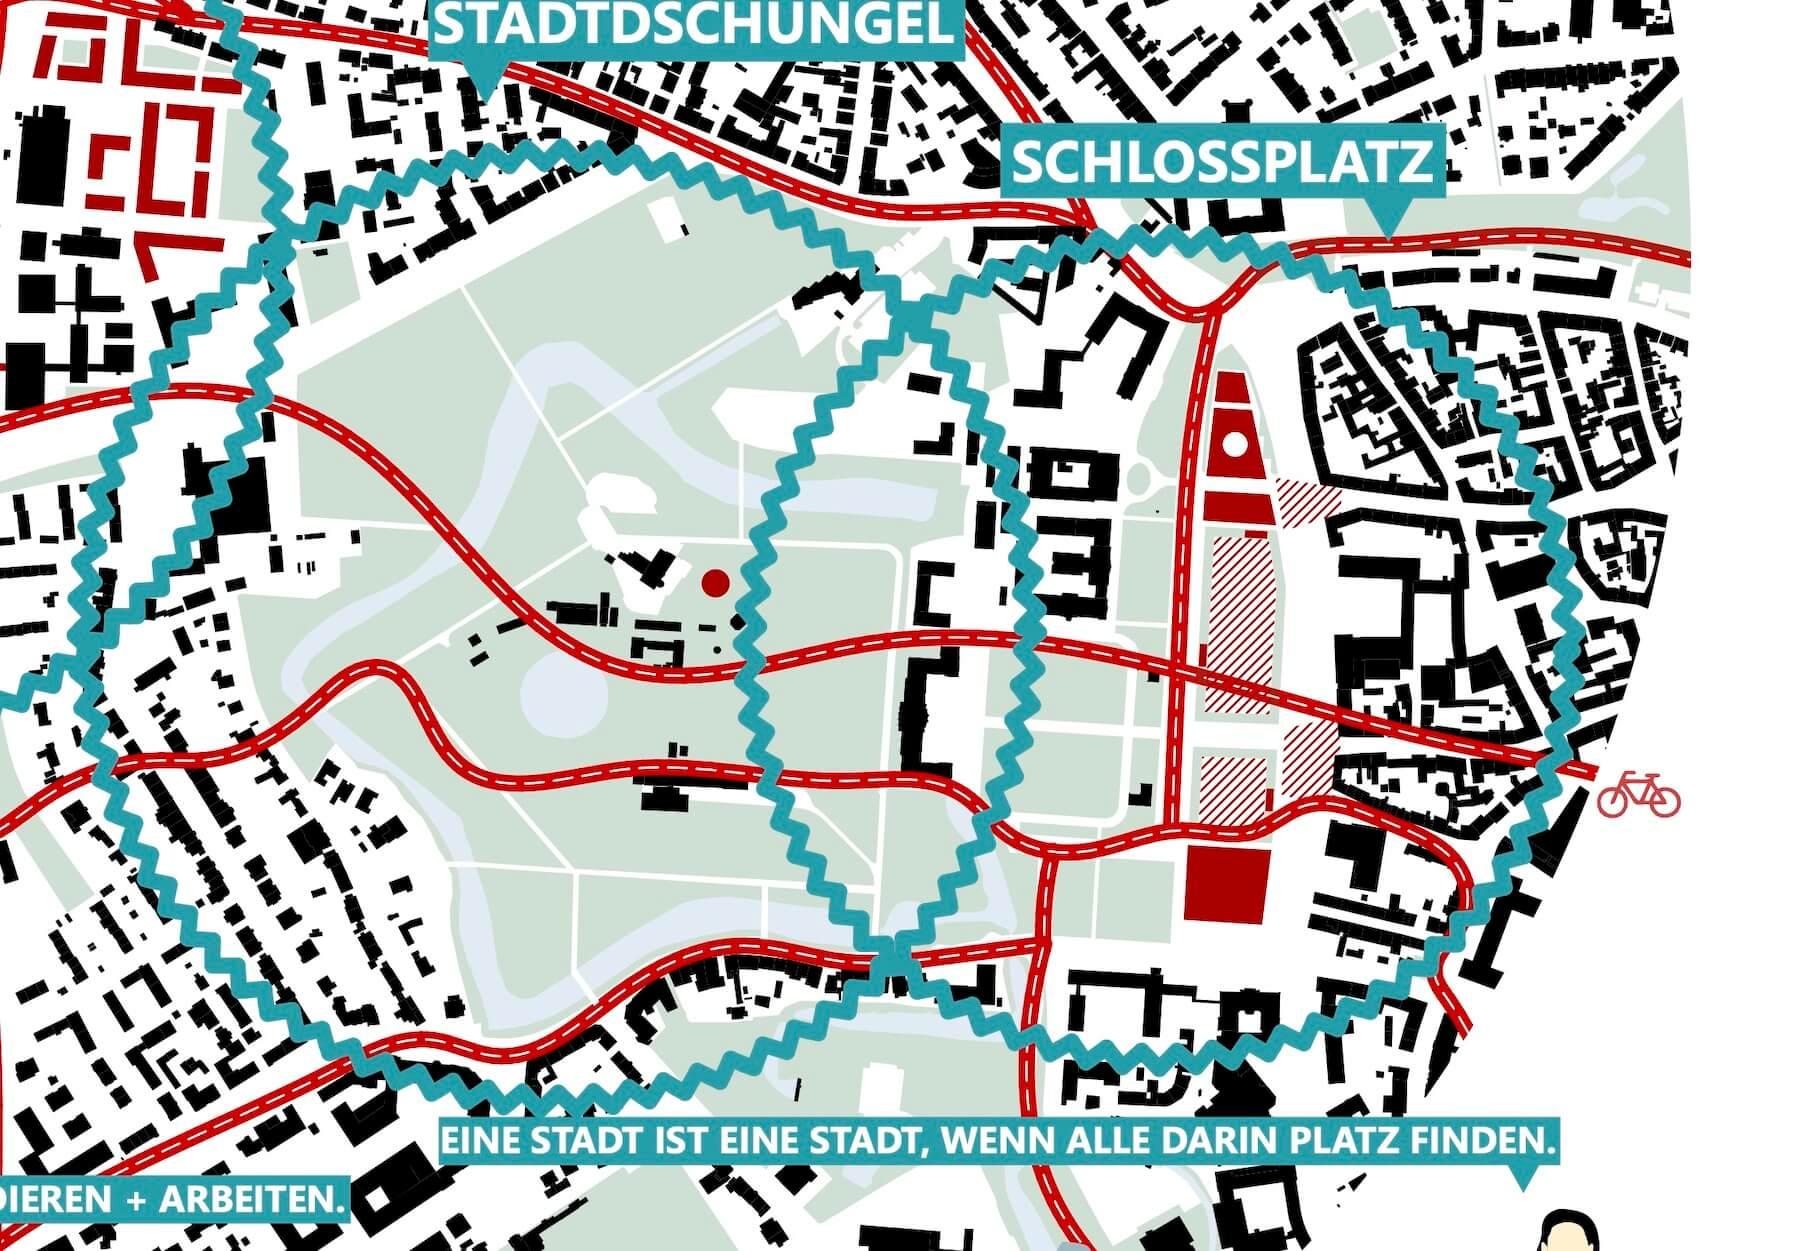 Schlossareal Münster – Entwurf: Lorenzen Mayer – Quelle: Stadt Münster, Dezernat für Planung, Bau und Wirtschaft, Internationale Ideenwerkstatt Münster